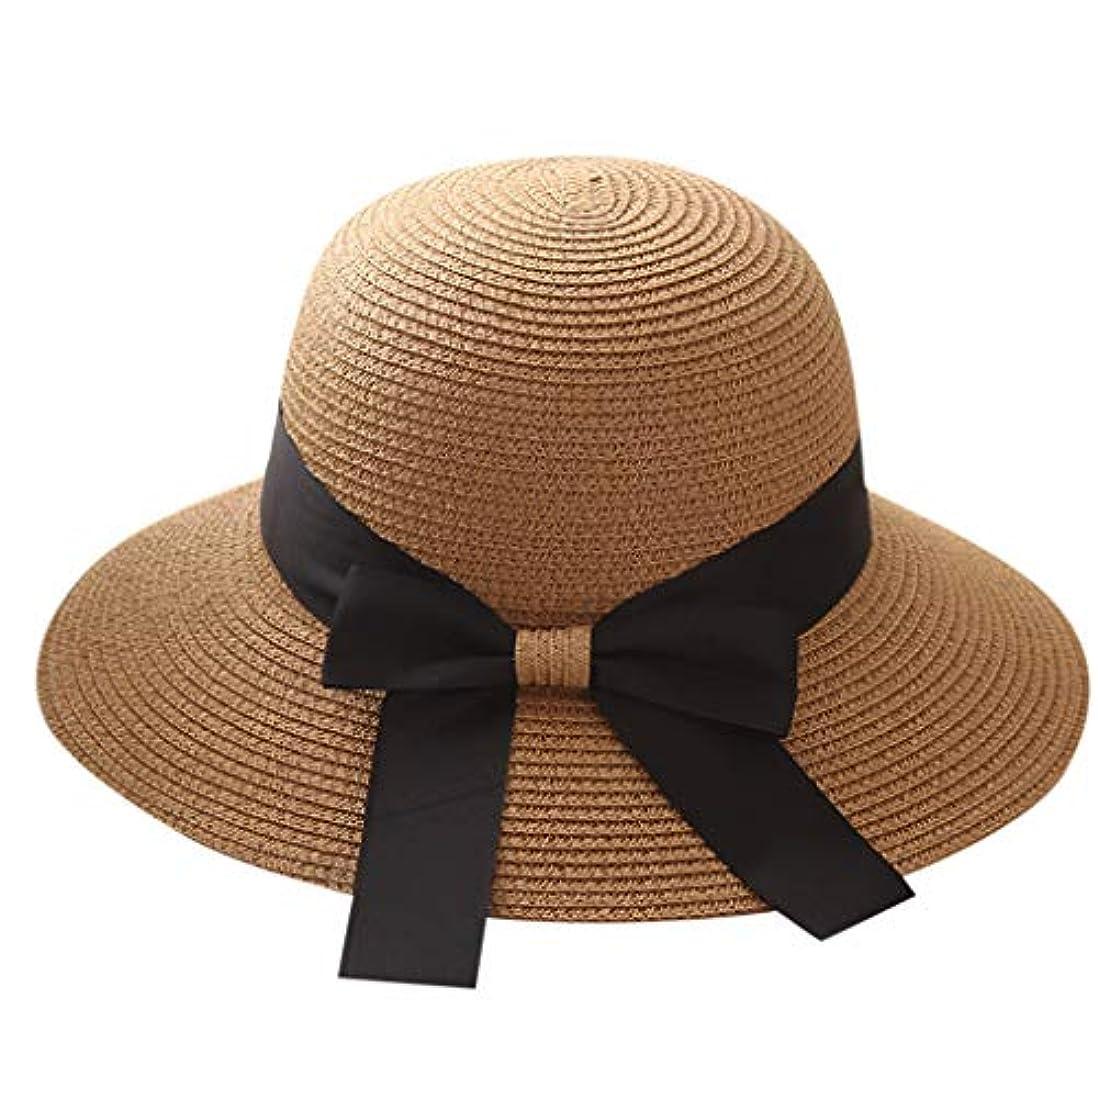 慎重にについて一時停止帽子 レディース UVカット 漁師帽 99%uvカット 日よけ 日焼け防止 熱中症予防 折りたたみ つば広 紫外線対策 麦わら帽子 uv帽 小顔効果 おしゃれ 可愛い 女優帽 高級感 軽量 通気 旅行用 大きいサイズ ROSE...